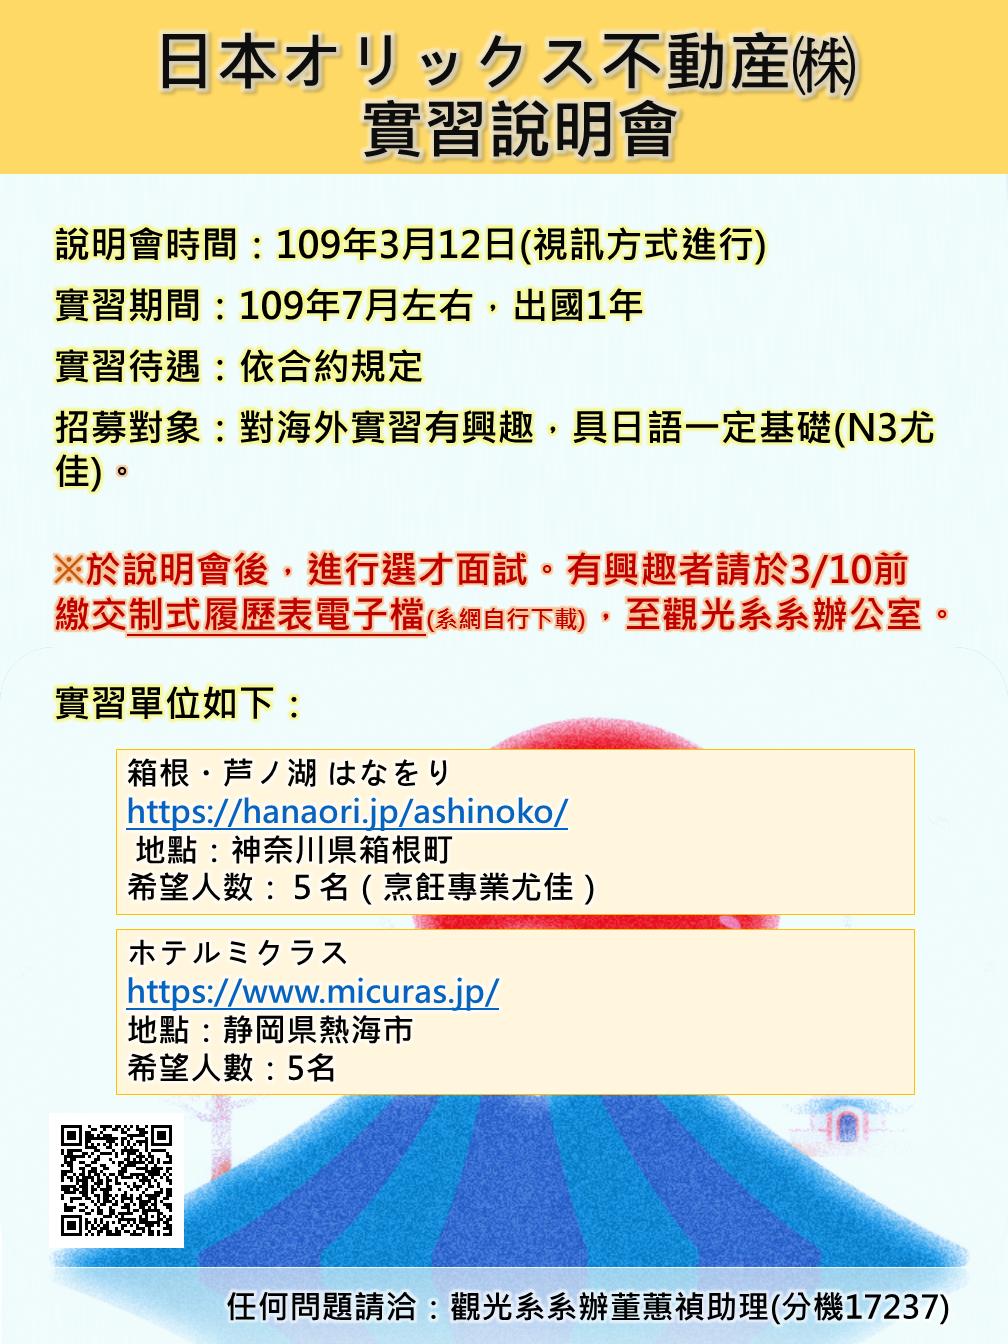 1090312實習說明會-日本オリックス不動産